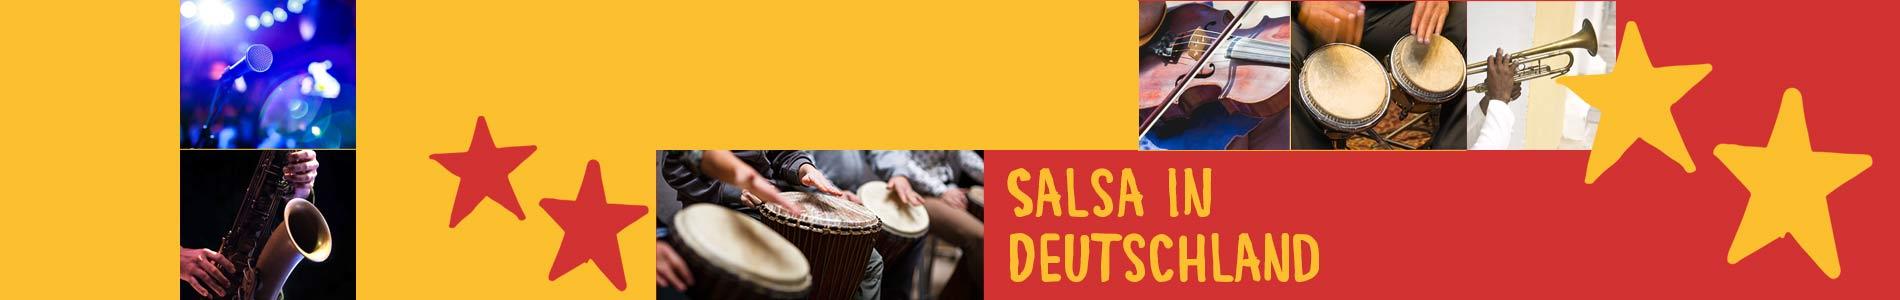 Salsa in Deuna – Salsa lernen und tanzen, Tanzkurse, Partys, Veranstaltungen